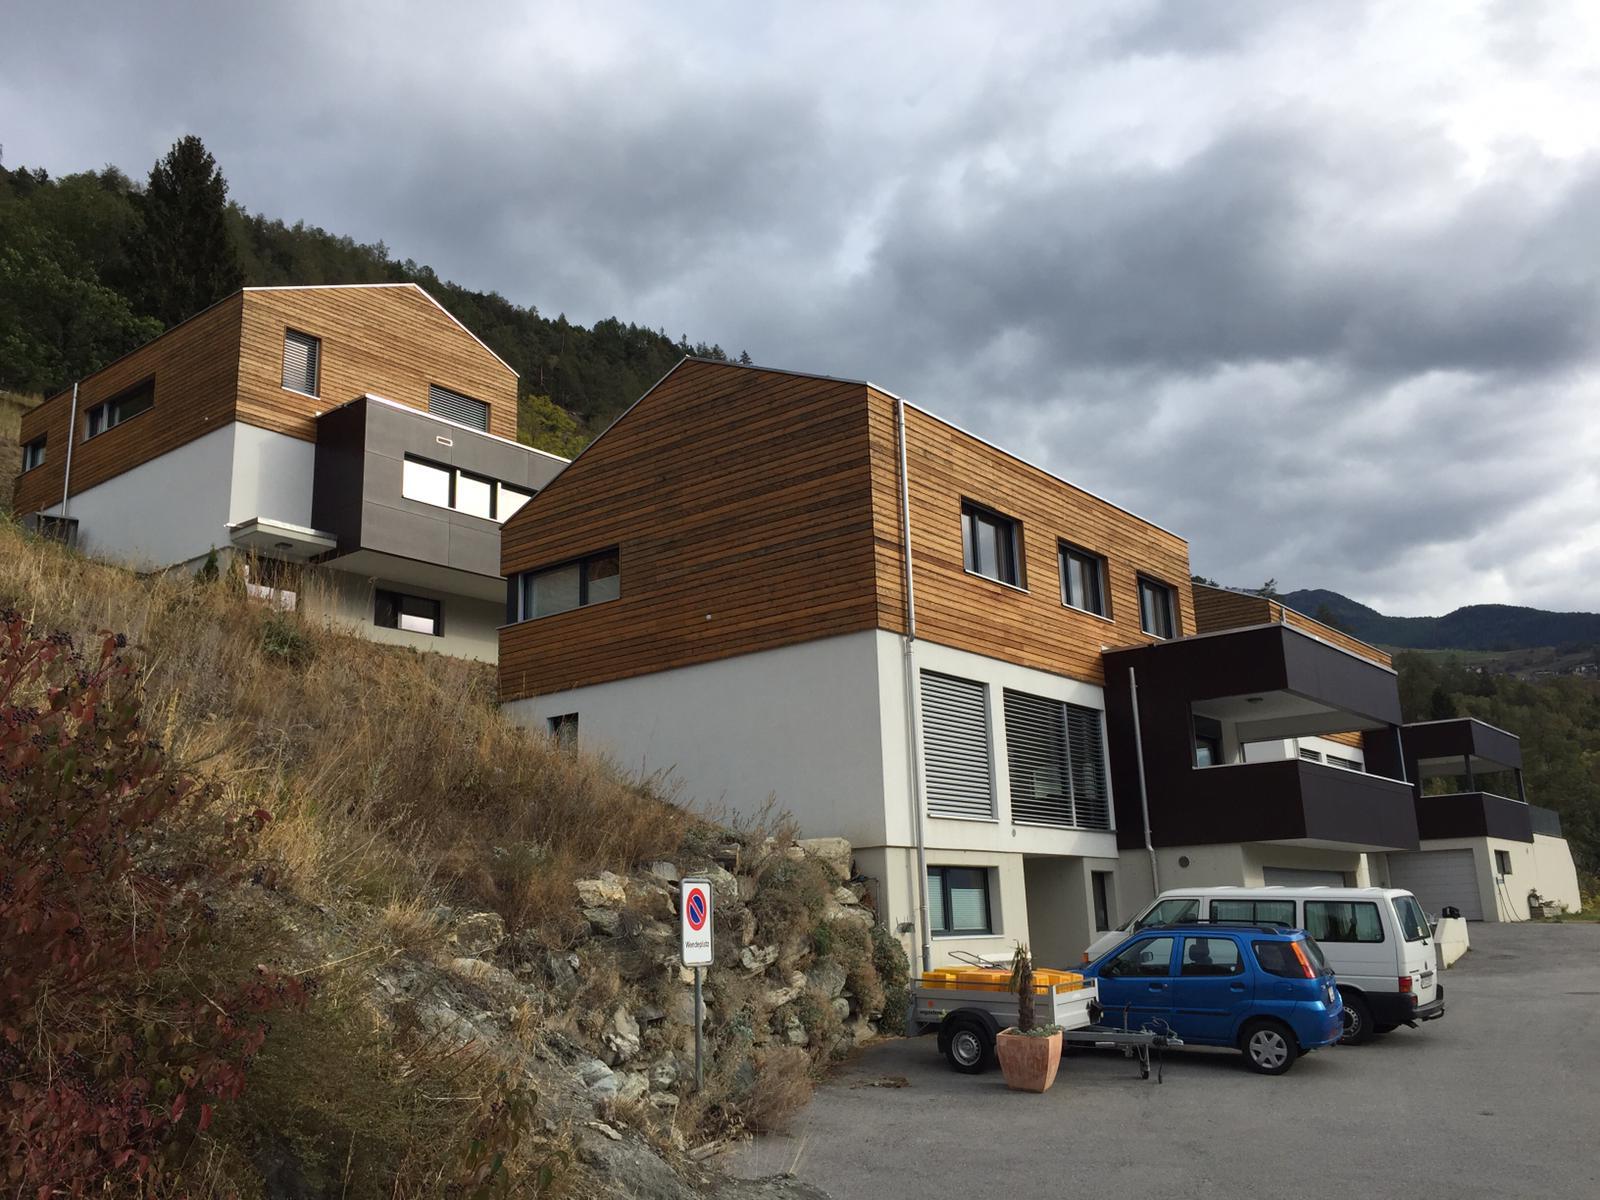 3 Einfamilienhäuser in Oberstalden, Baujahr 2010